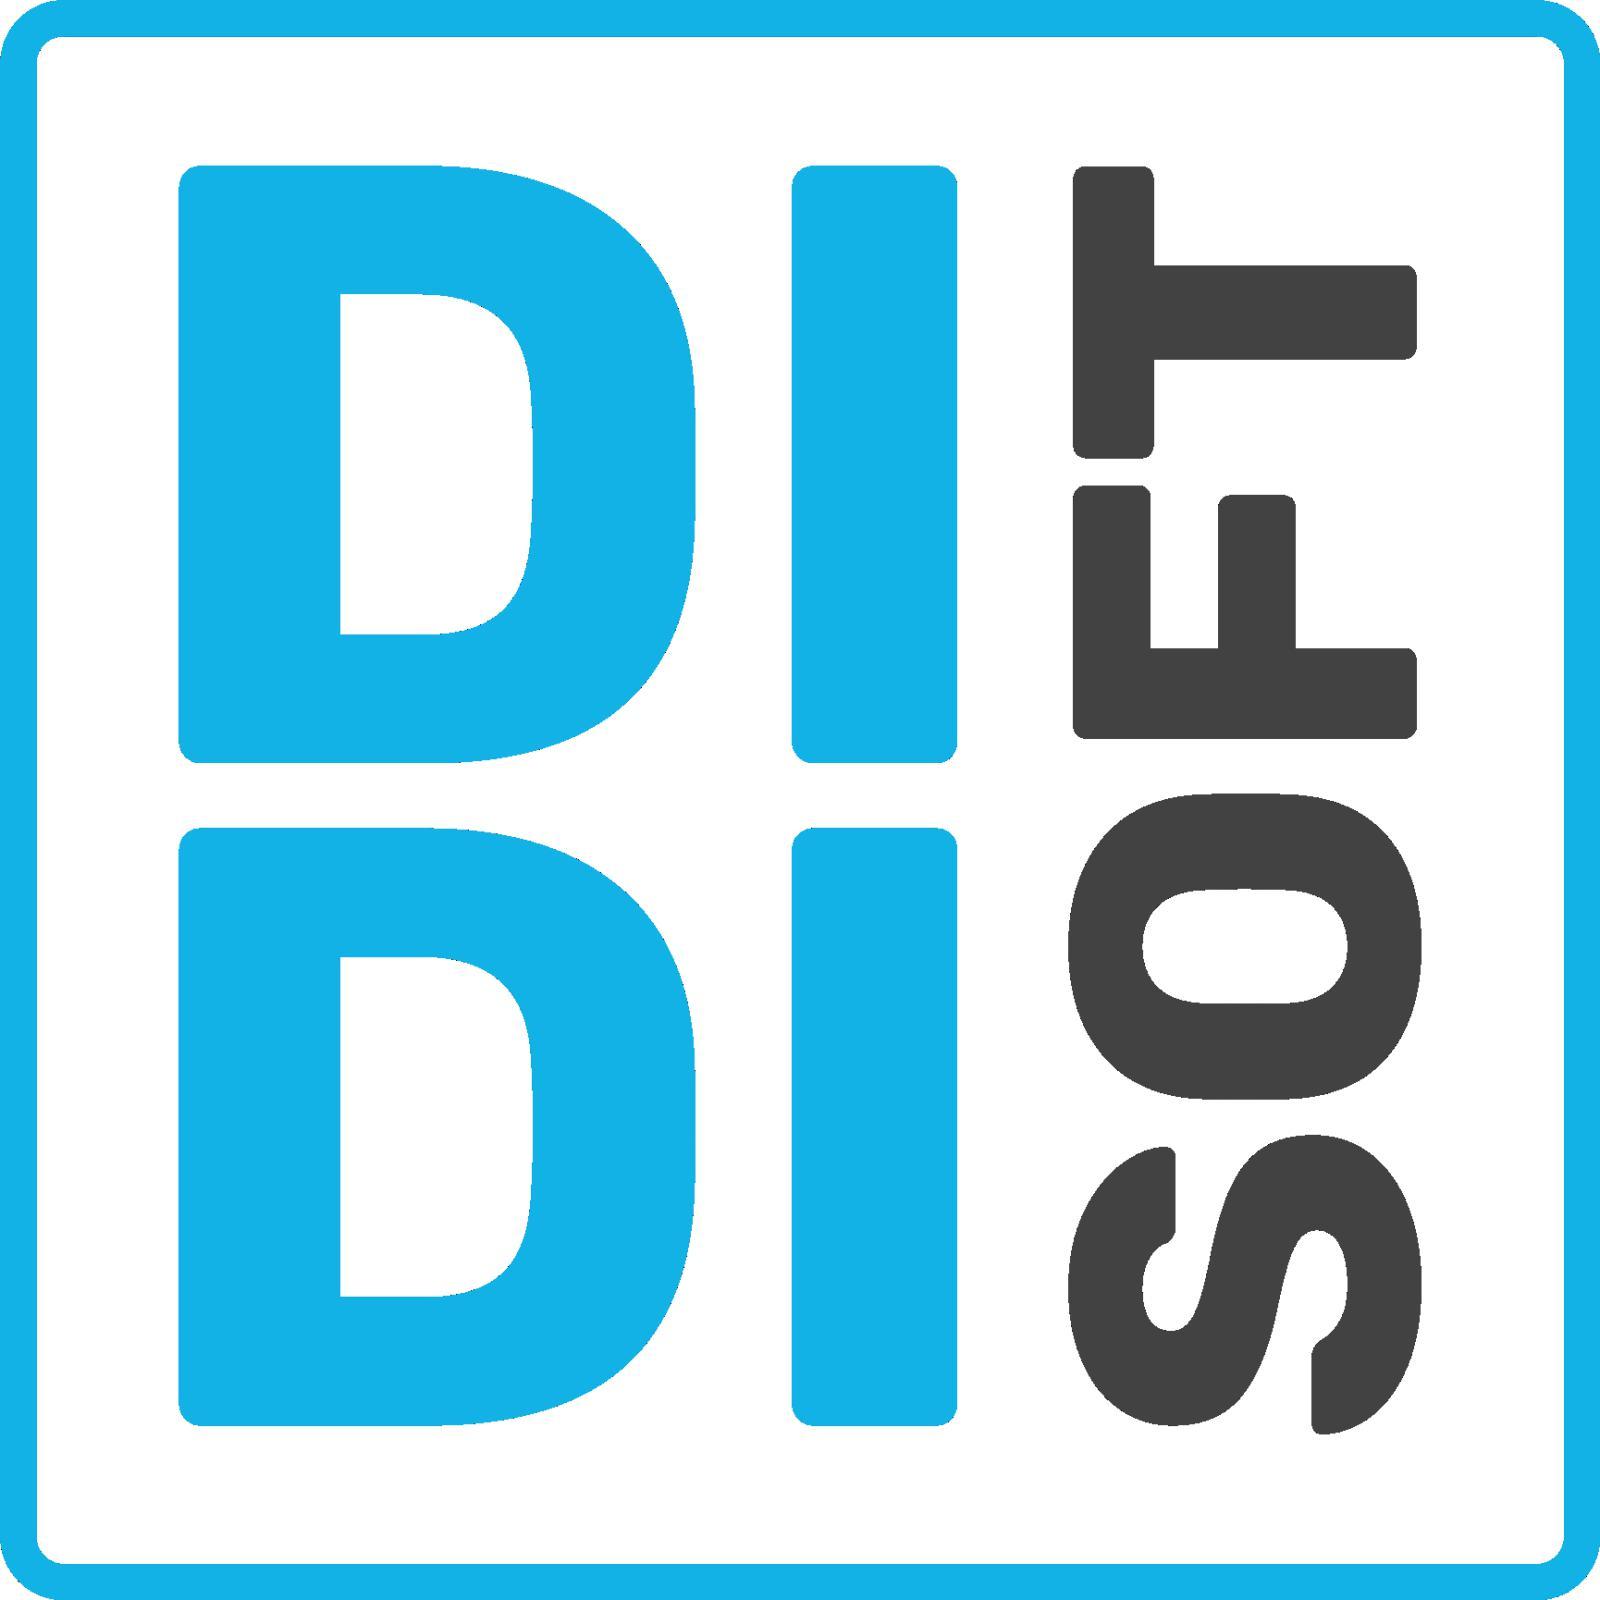 Didisoft